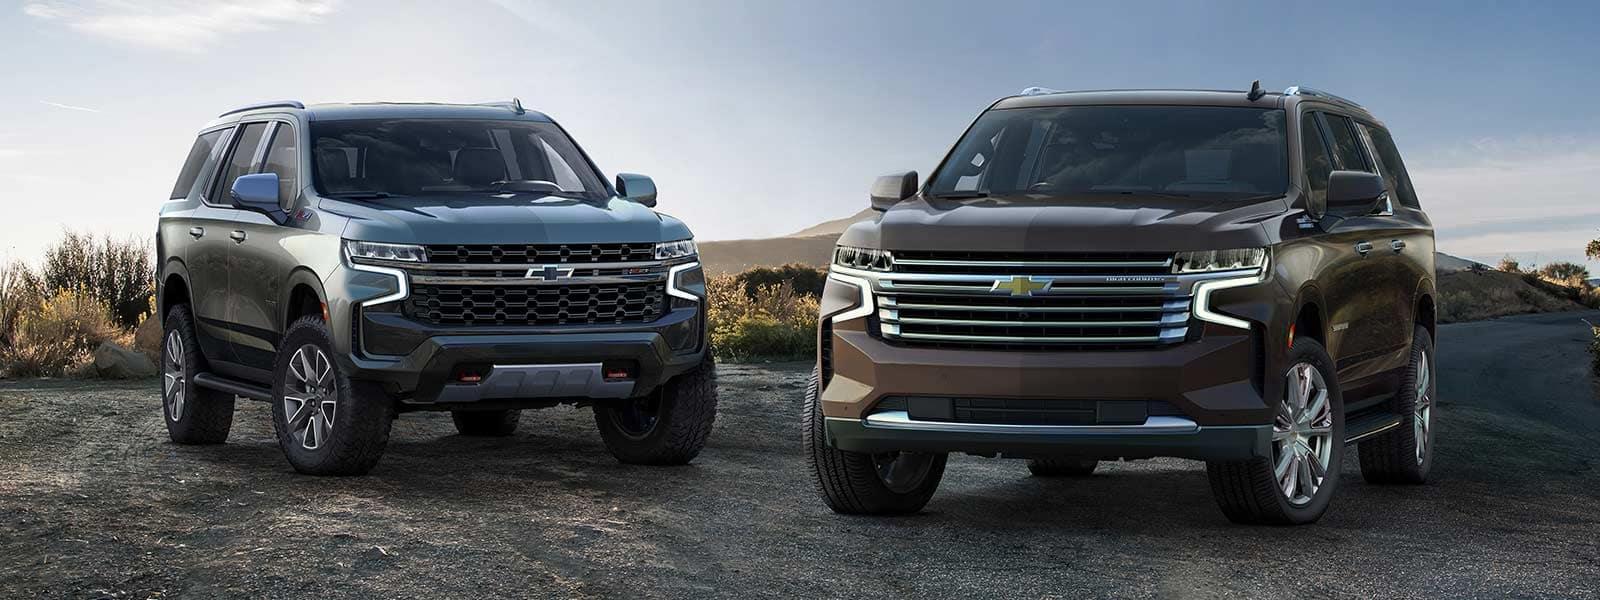 Buy New 2021 Chevrolet Tahoe in Stanleytown Virginia